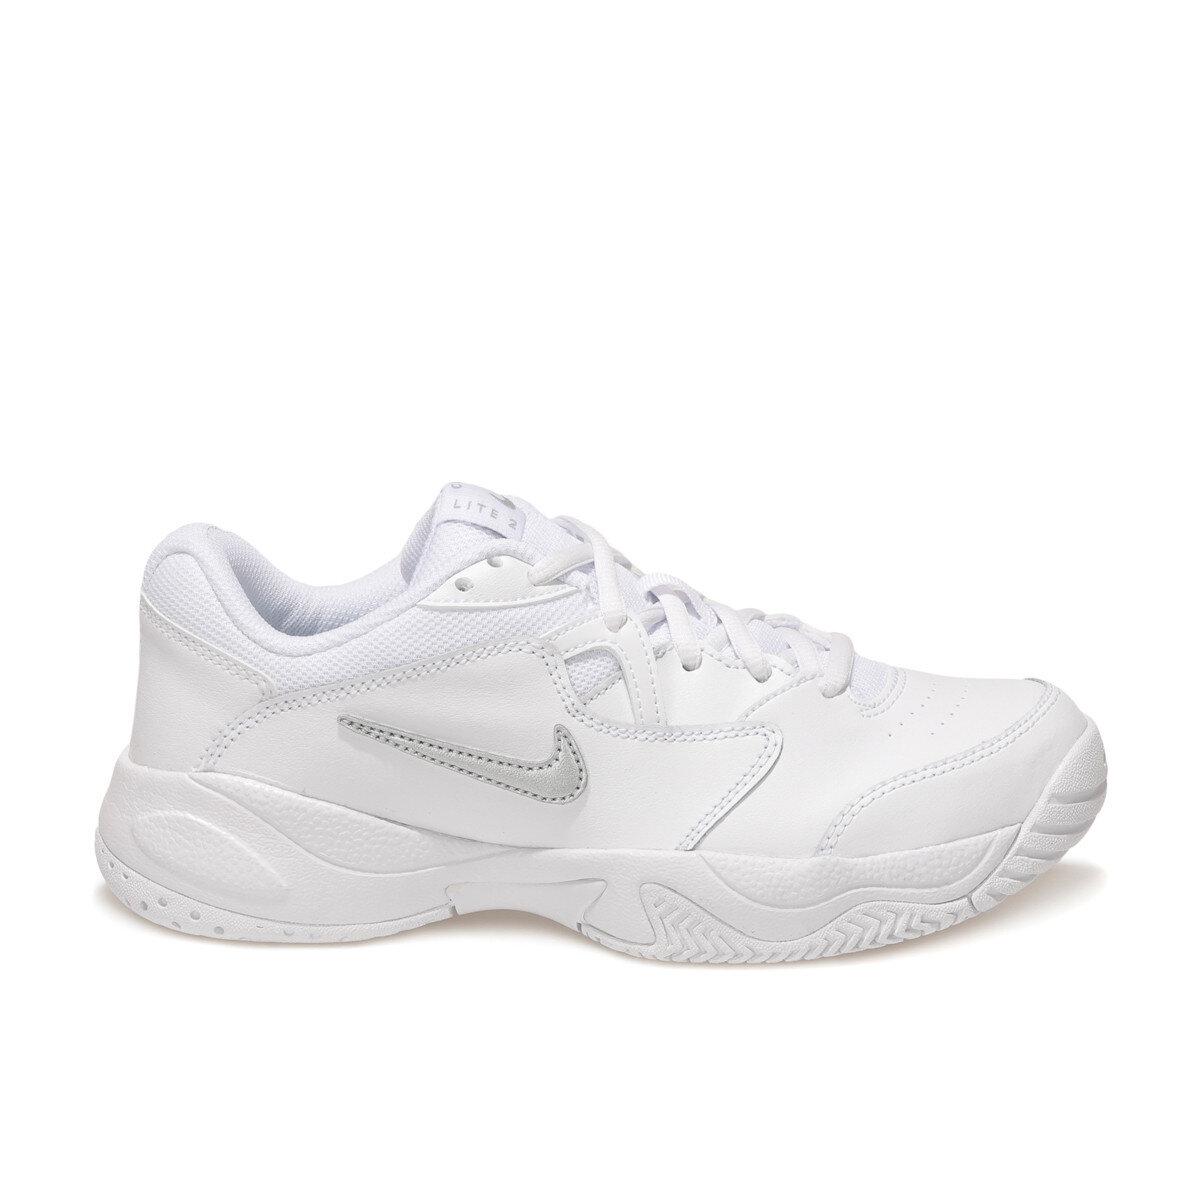 Court Lite 2 Çocuk Beyaz Tenis Ayakkabısı (CD0440-105)